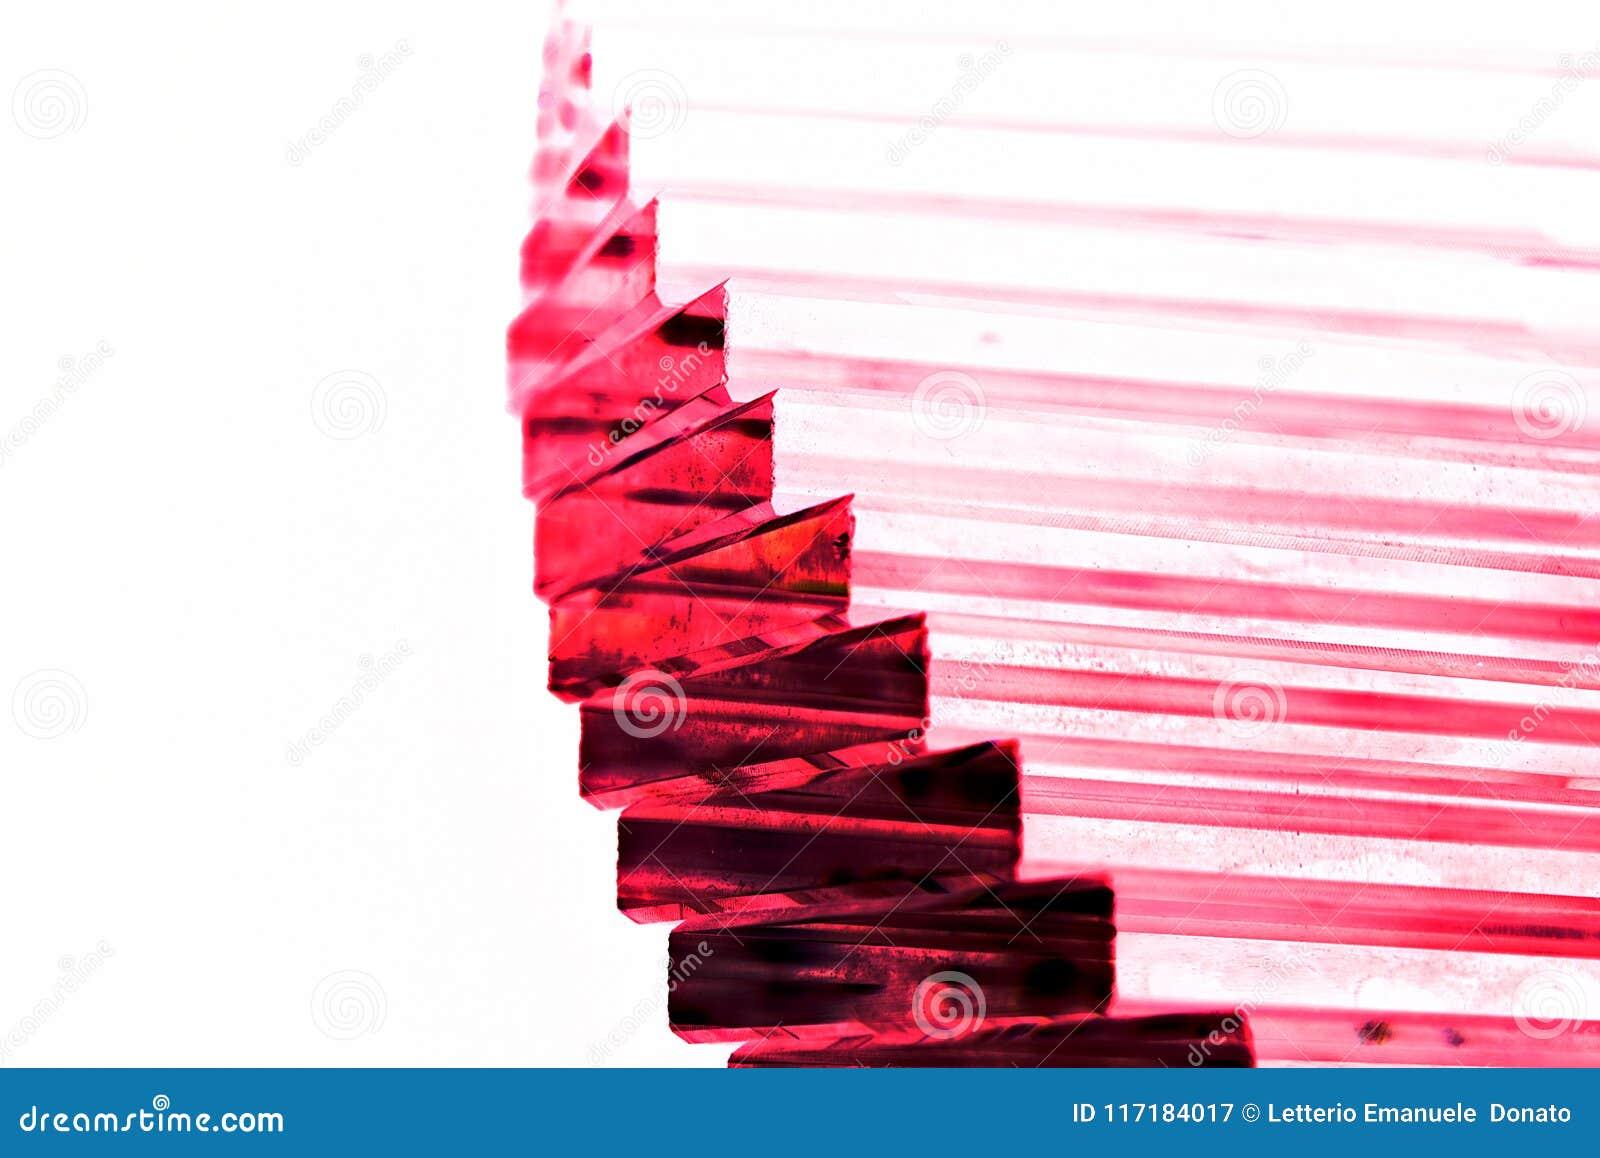 Purple Crystal stairway